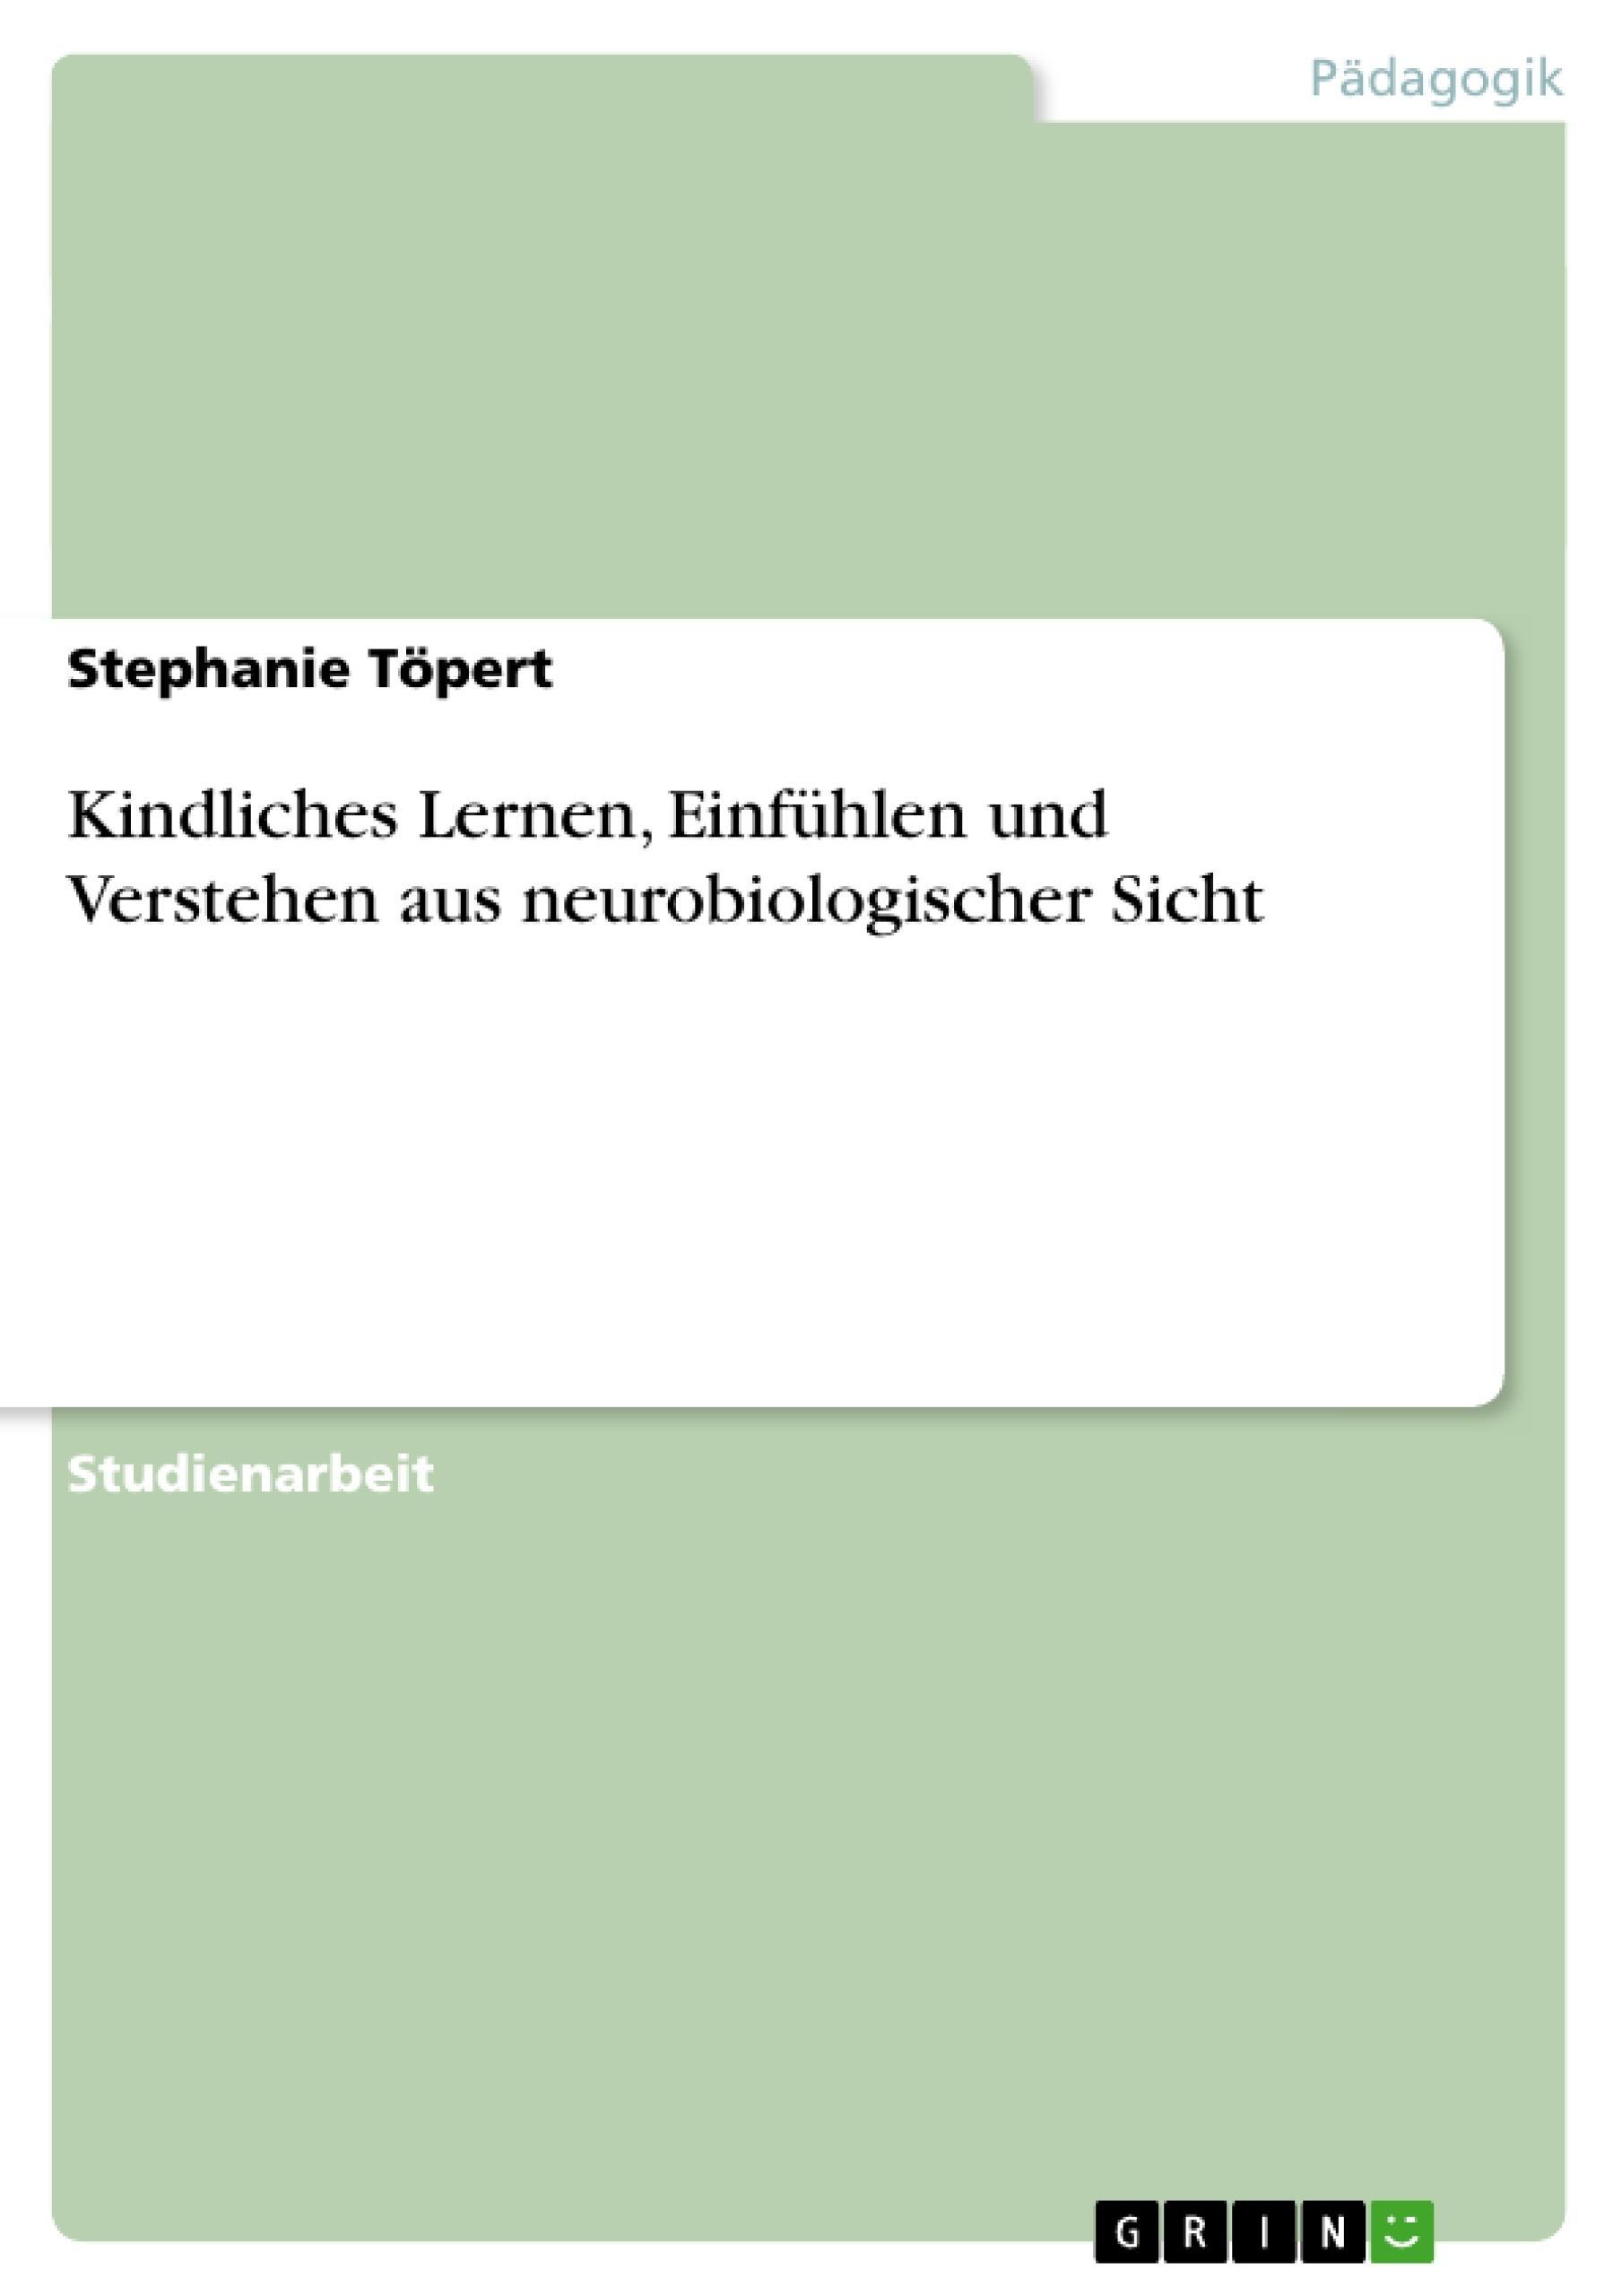 Titel: Kindliches Lernen, Einfühlen und Verstehen aus neurobiologischer Sicht